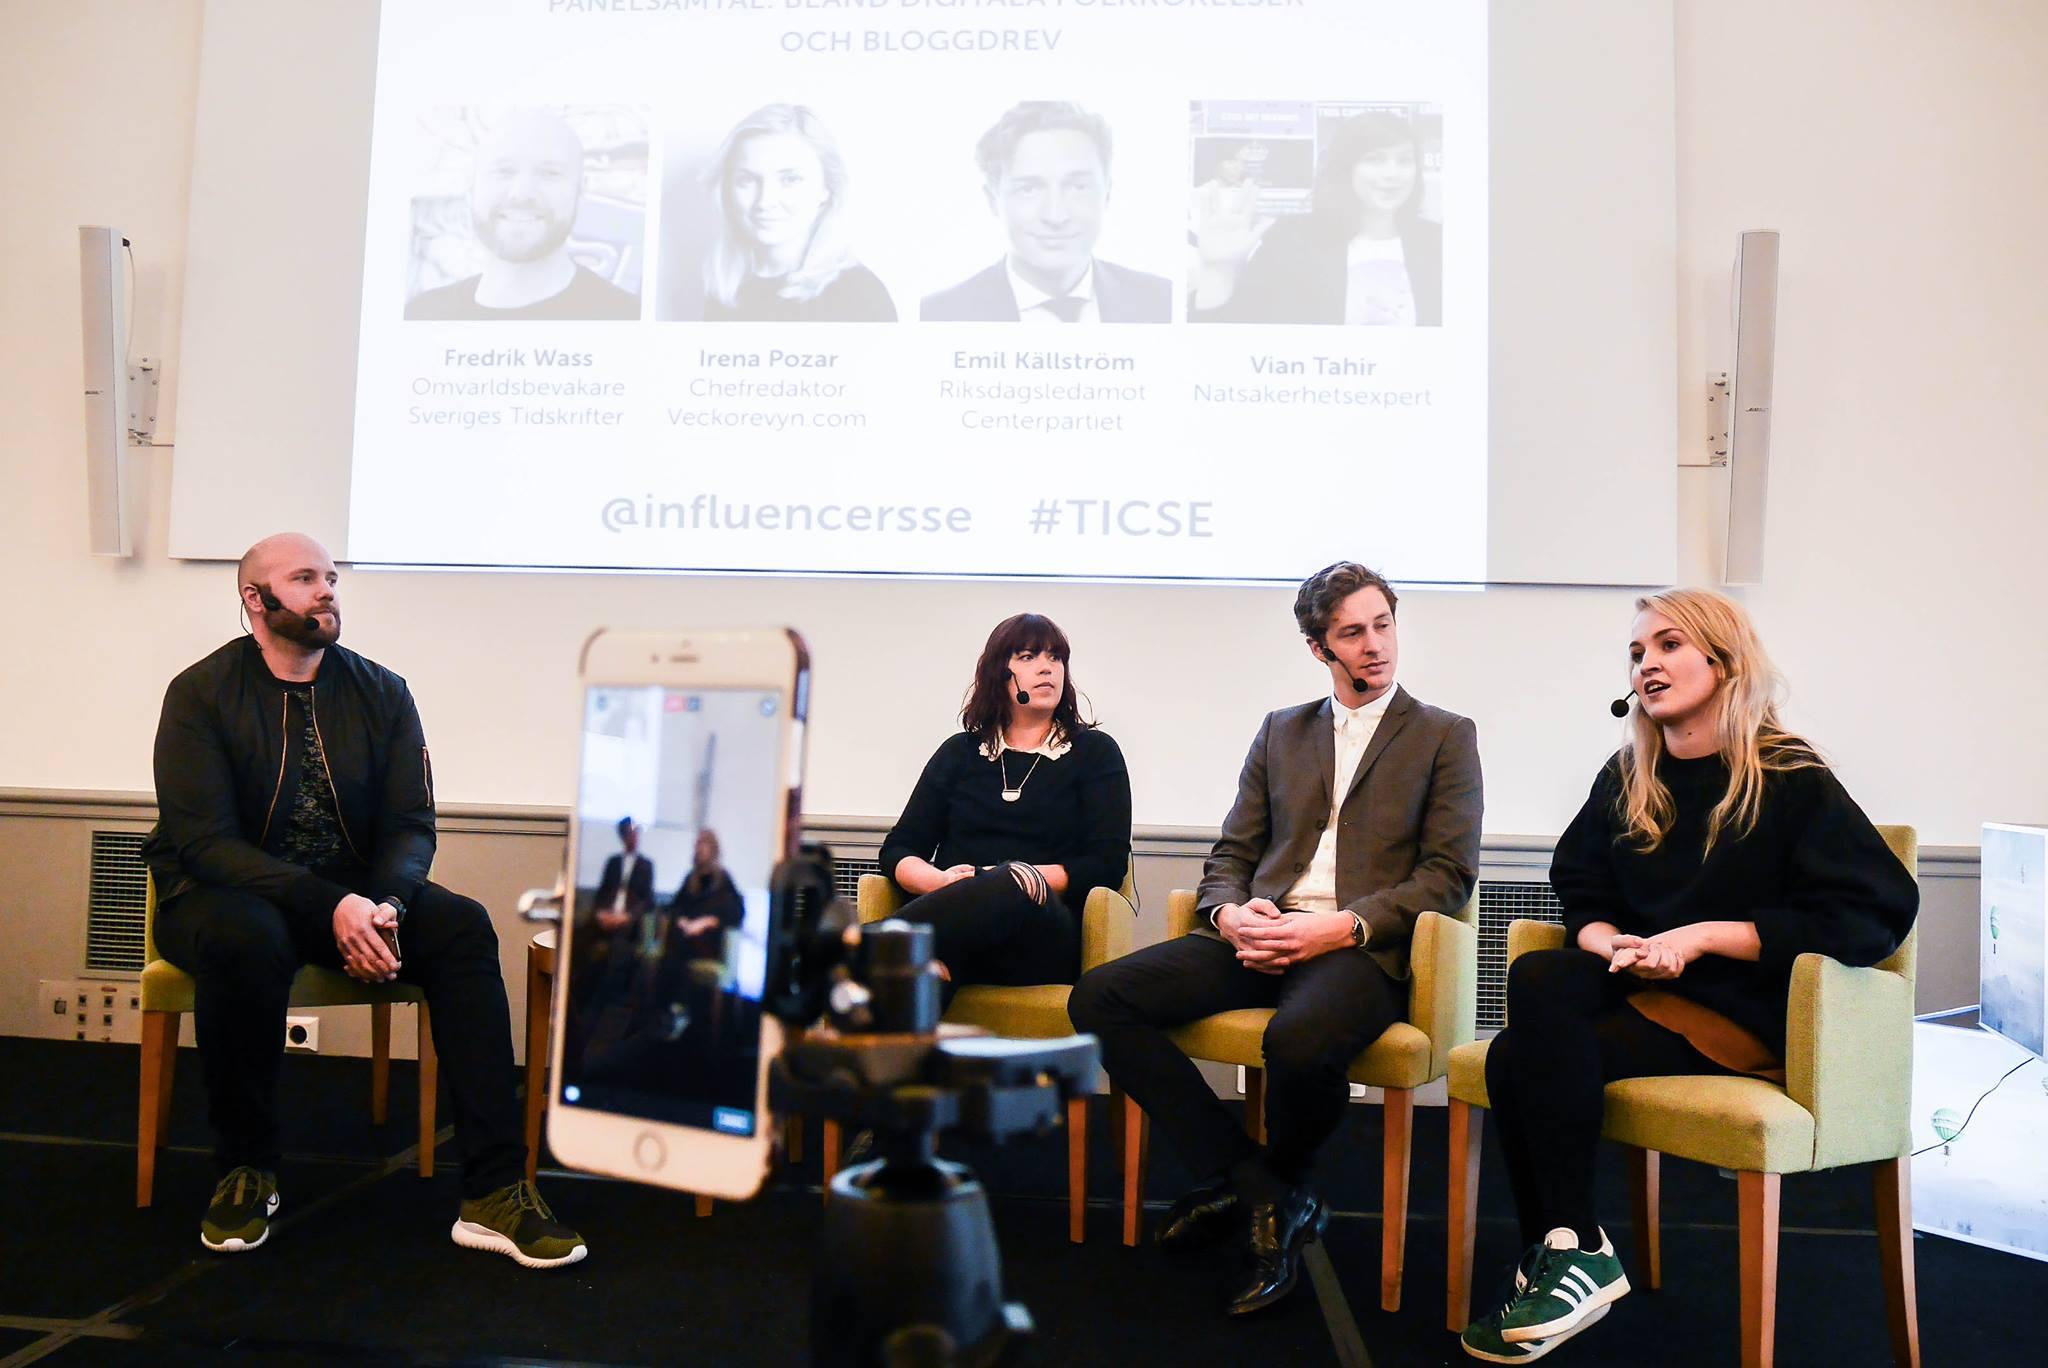 Fredrik Wass, Vian Tahir, Emil Källström och Irena Pozar. Foto: Linda Hörnfeldt